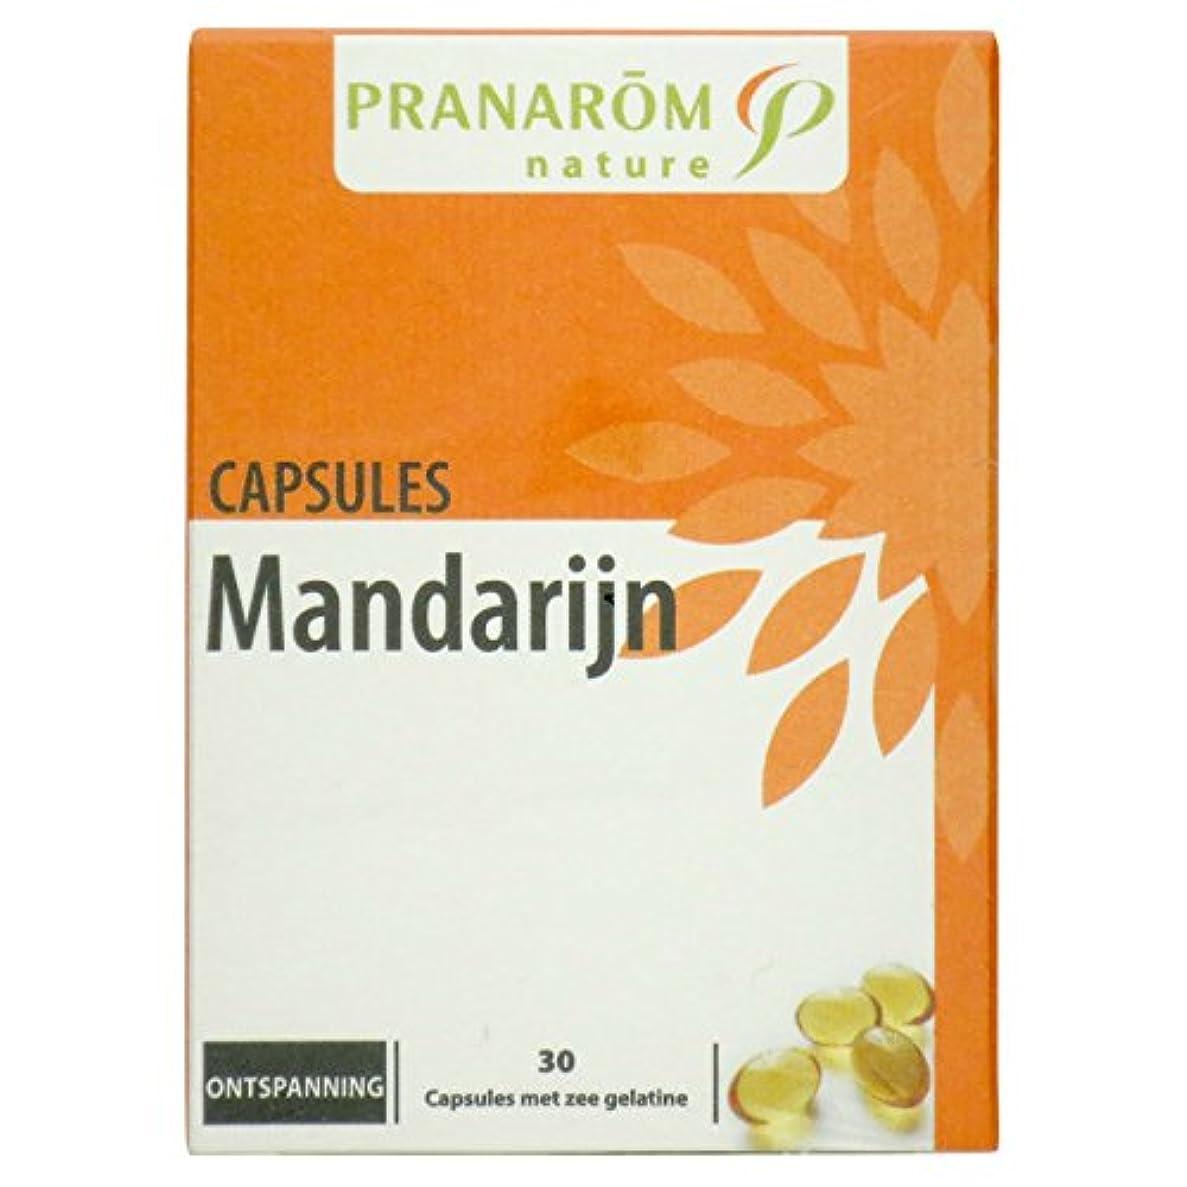 再編成する検出する区画プラナロム マンダリンカプセル 30粒 (PRANAROM サプリメント)